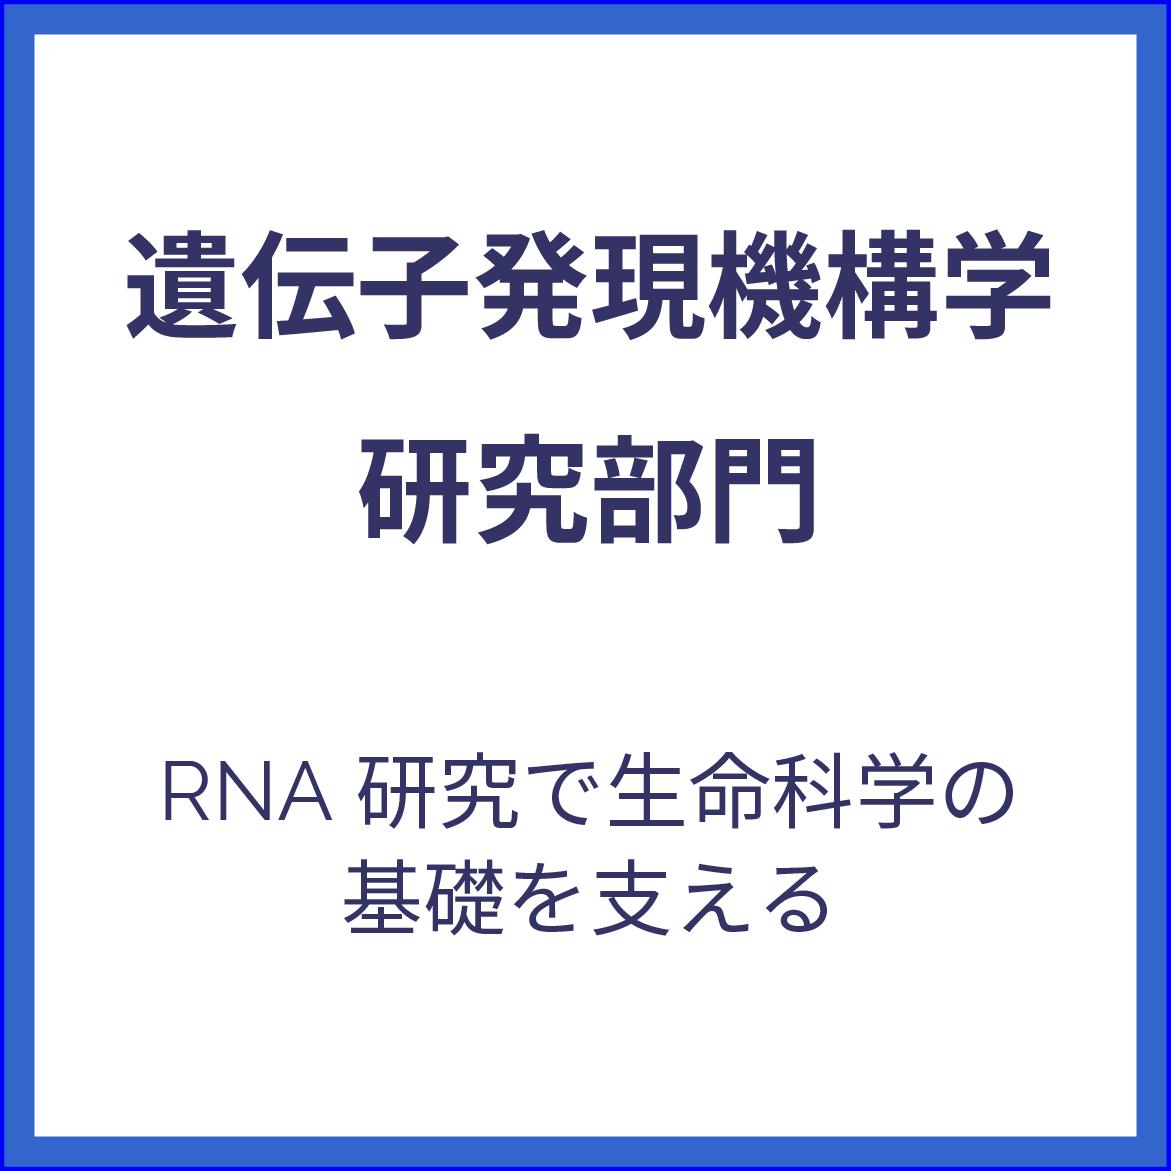 遺伝子発現機構学研究部門